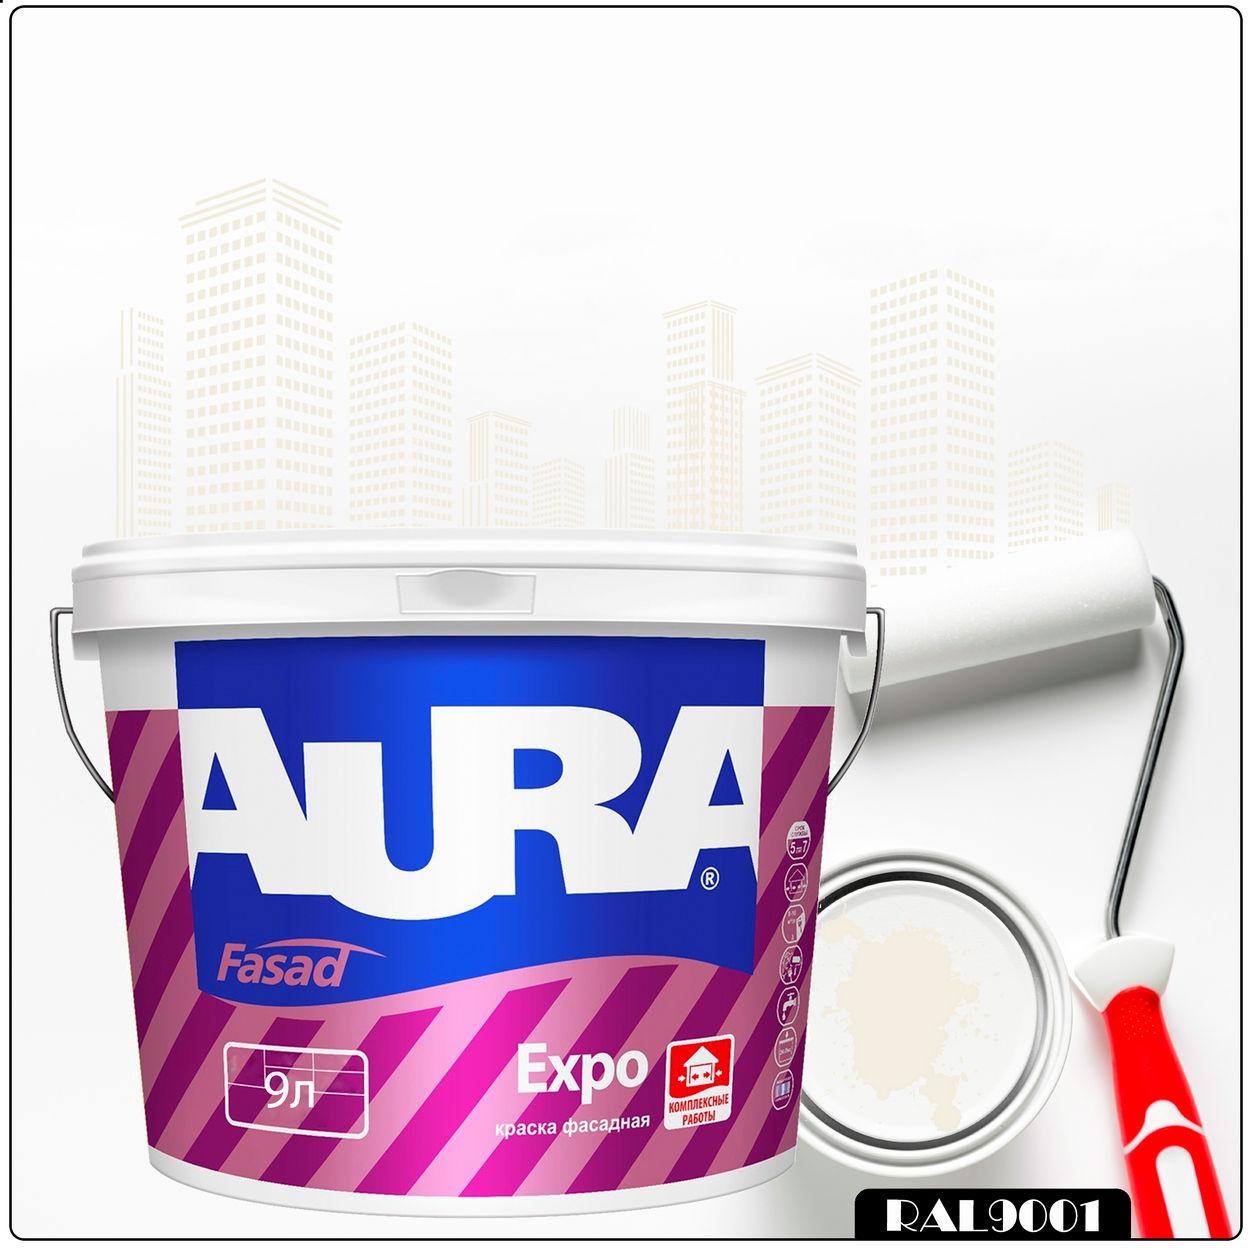 Фото 1 - Краска Aura Fasad Expo, RAL 9001 Белый-крем, матовая, для фасадов и помещений с повышенной влажностью, 9л.